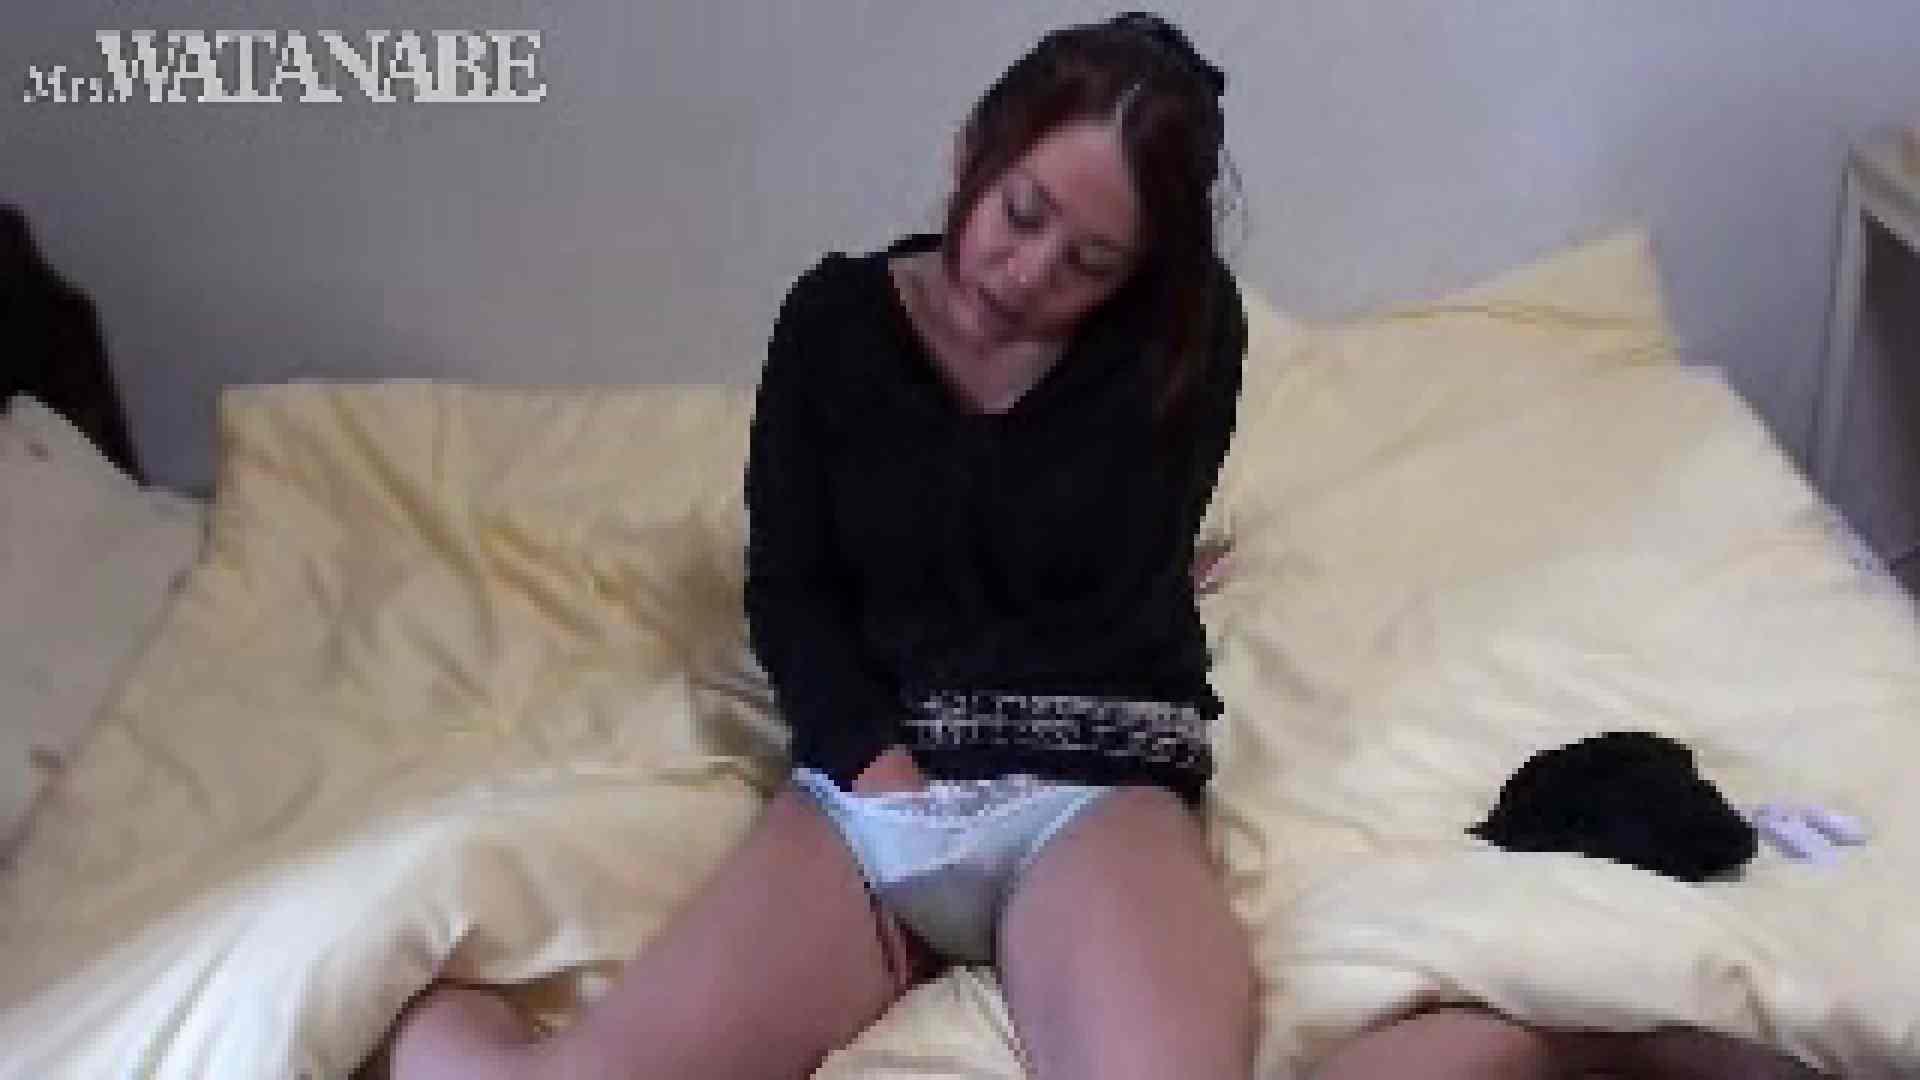 SNSで出会った人妻をハメ撮りしちゃいます 2回目 前編 熟女  33連発 33